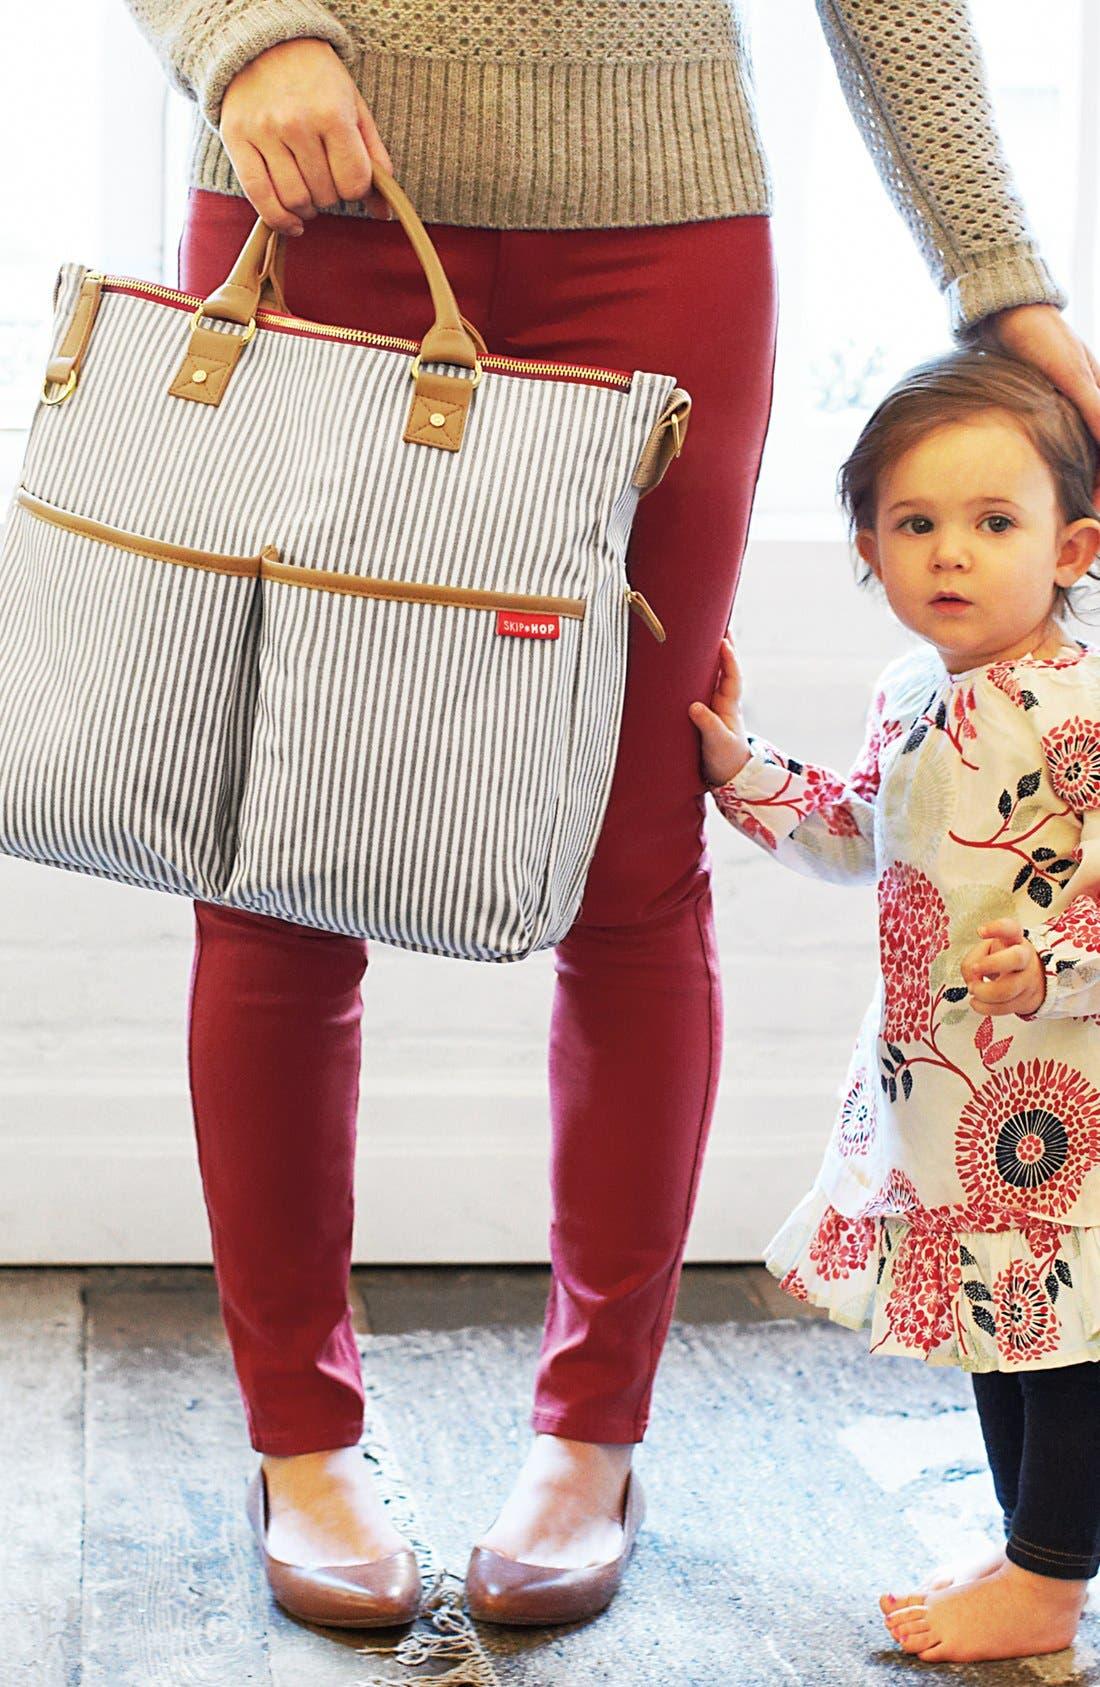 Alternate Image 3  - Skip Hop 'Duo' Diaper Bag